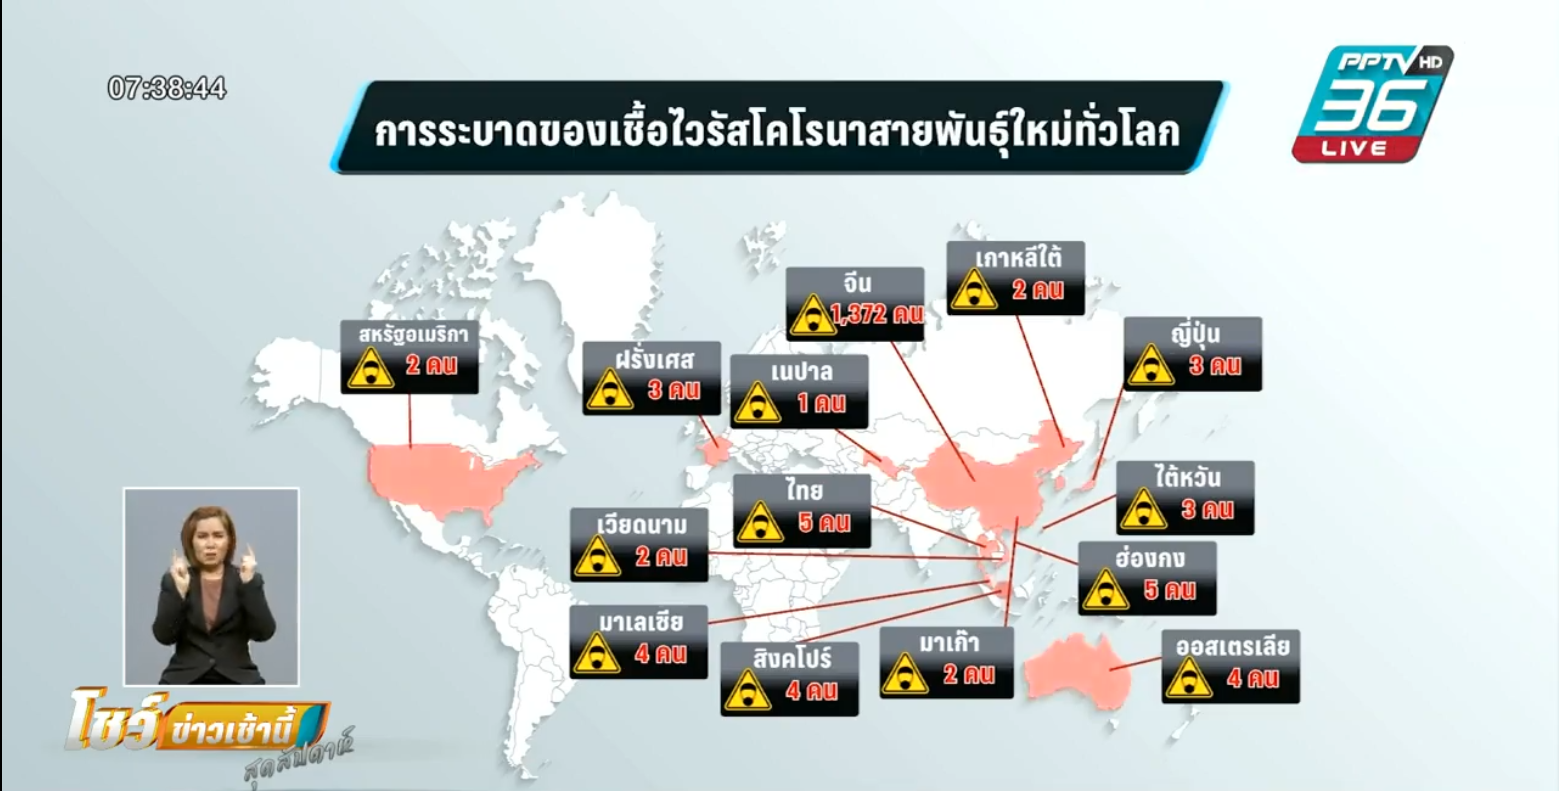 หลายประเทศเล็งอพยพพลเรือน หนีไวรัสโคโรนาระบาด